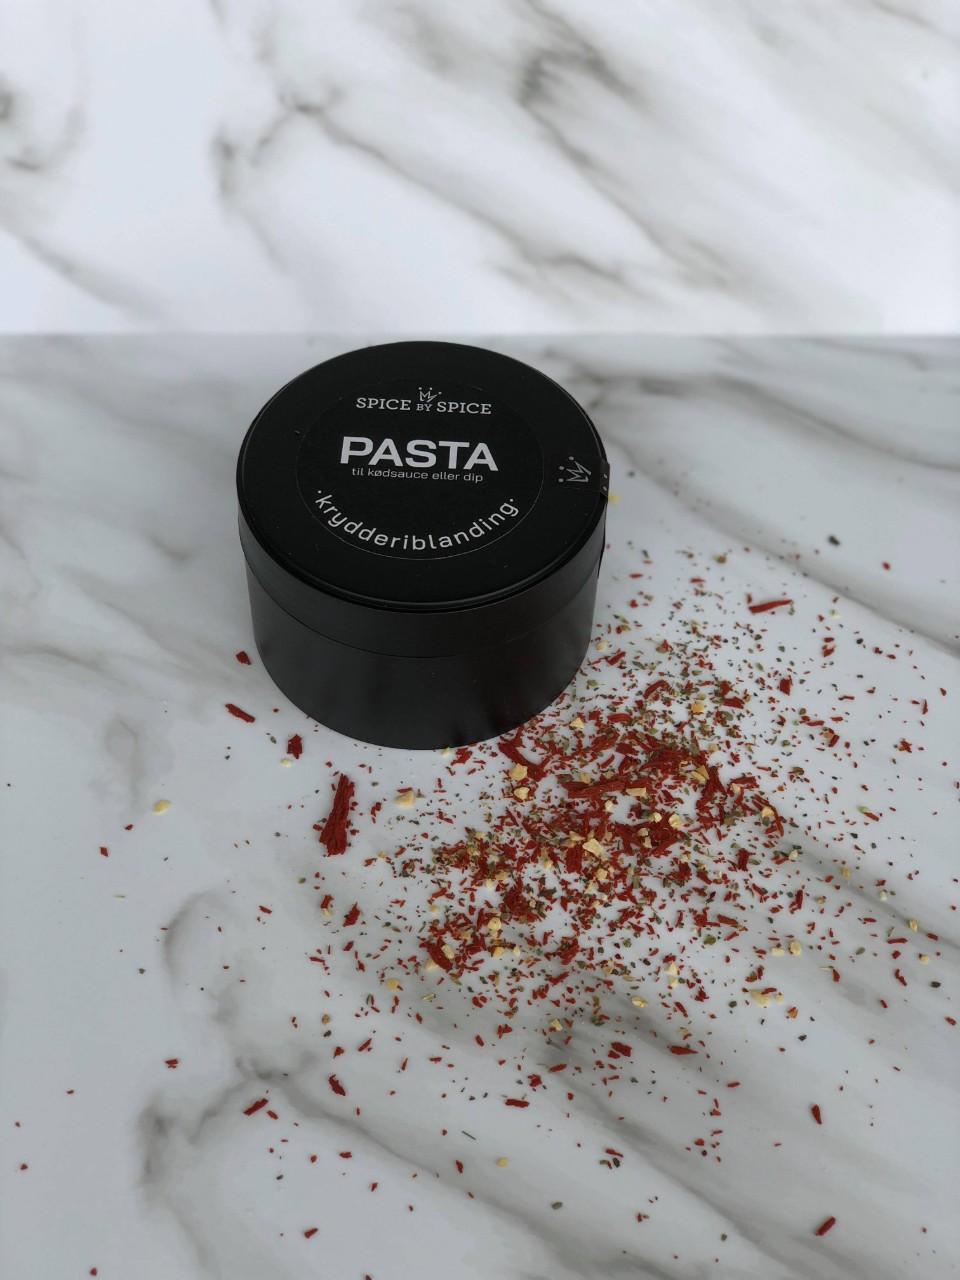 Pasta krydderi til kødsauce